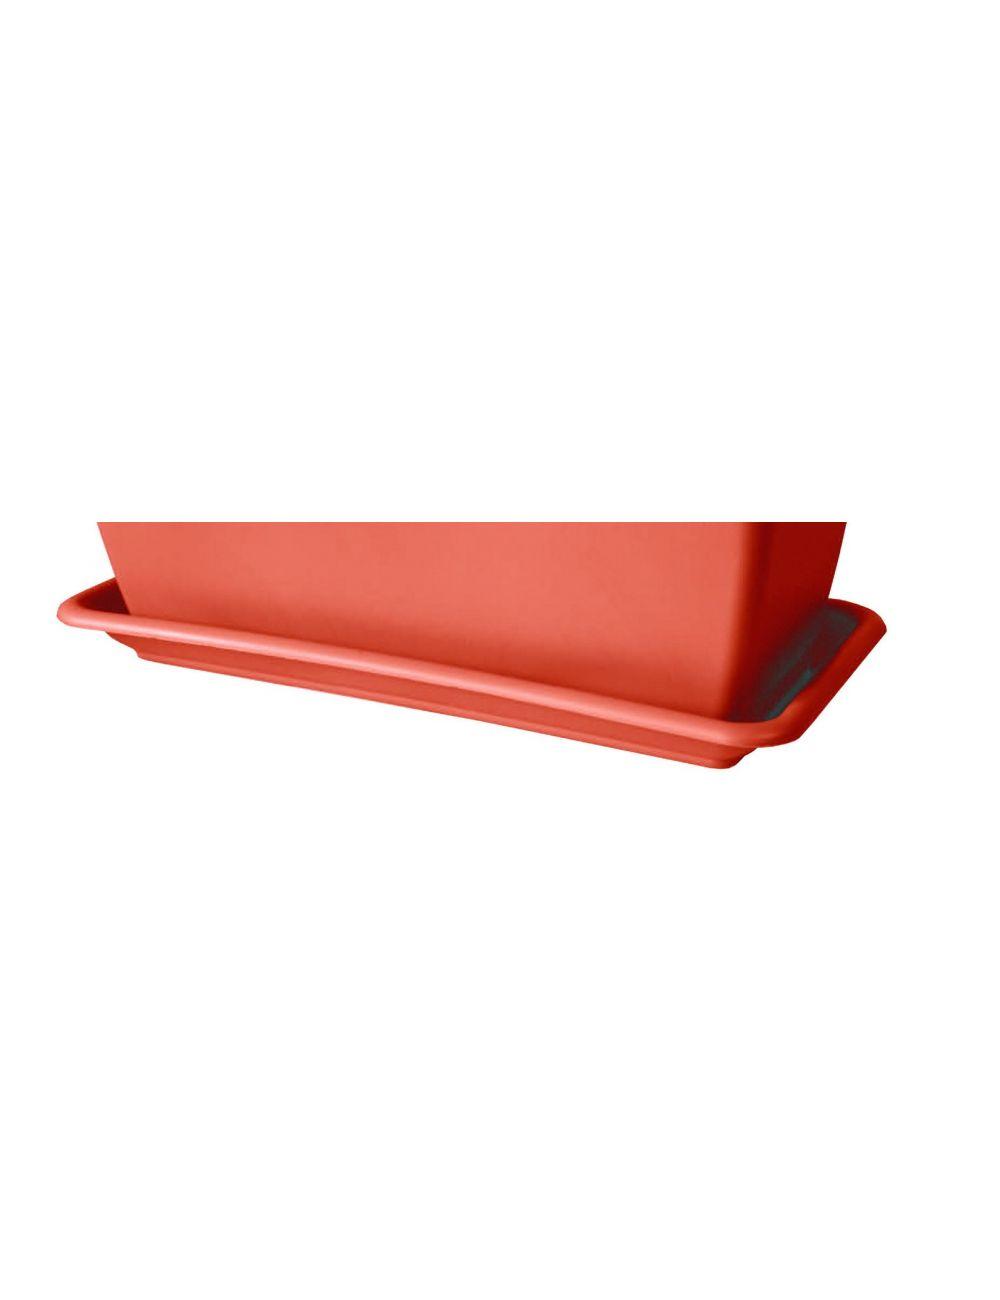 Sottovaso per Fioriera modello Ducale 80 cm